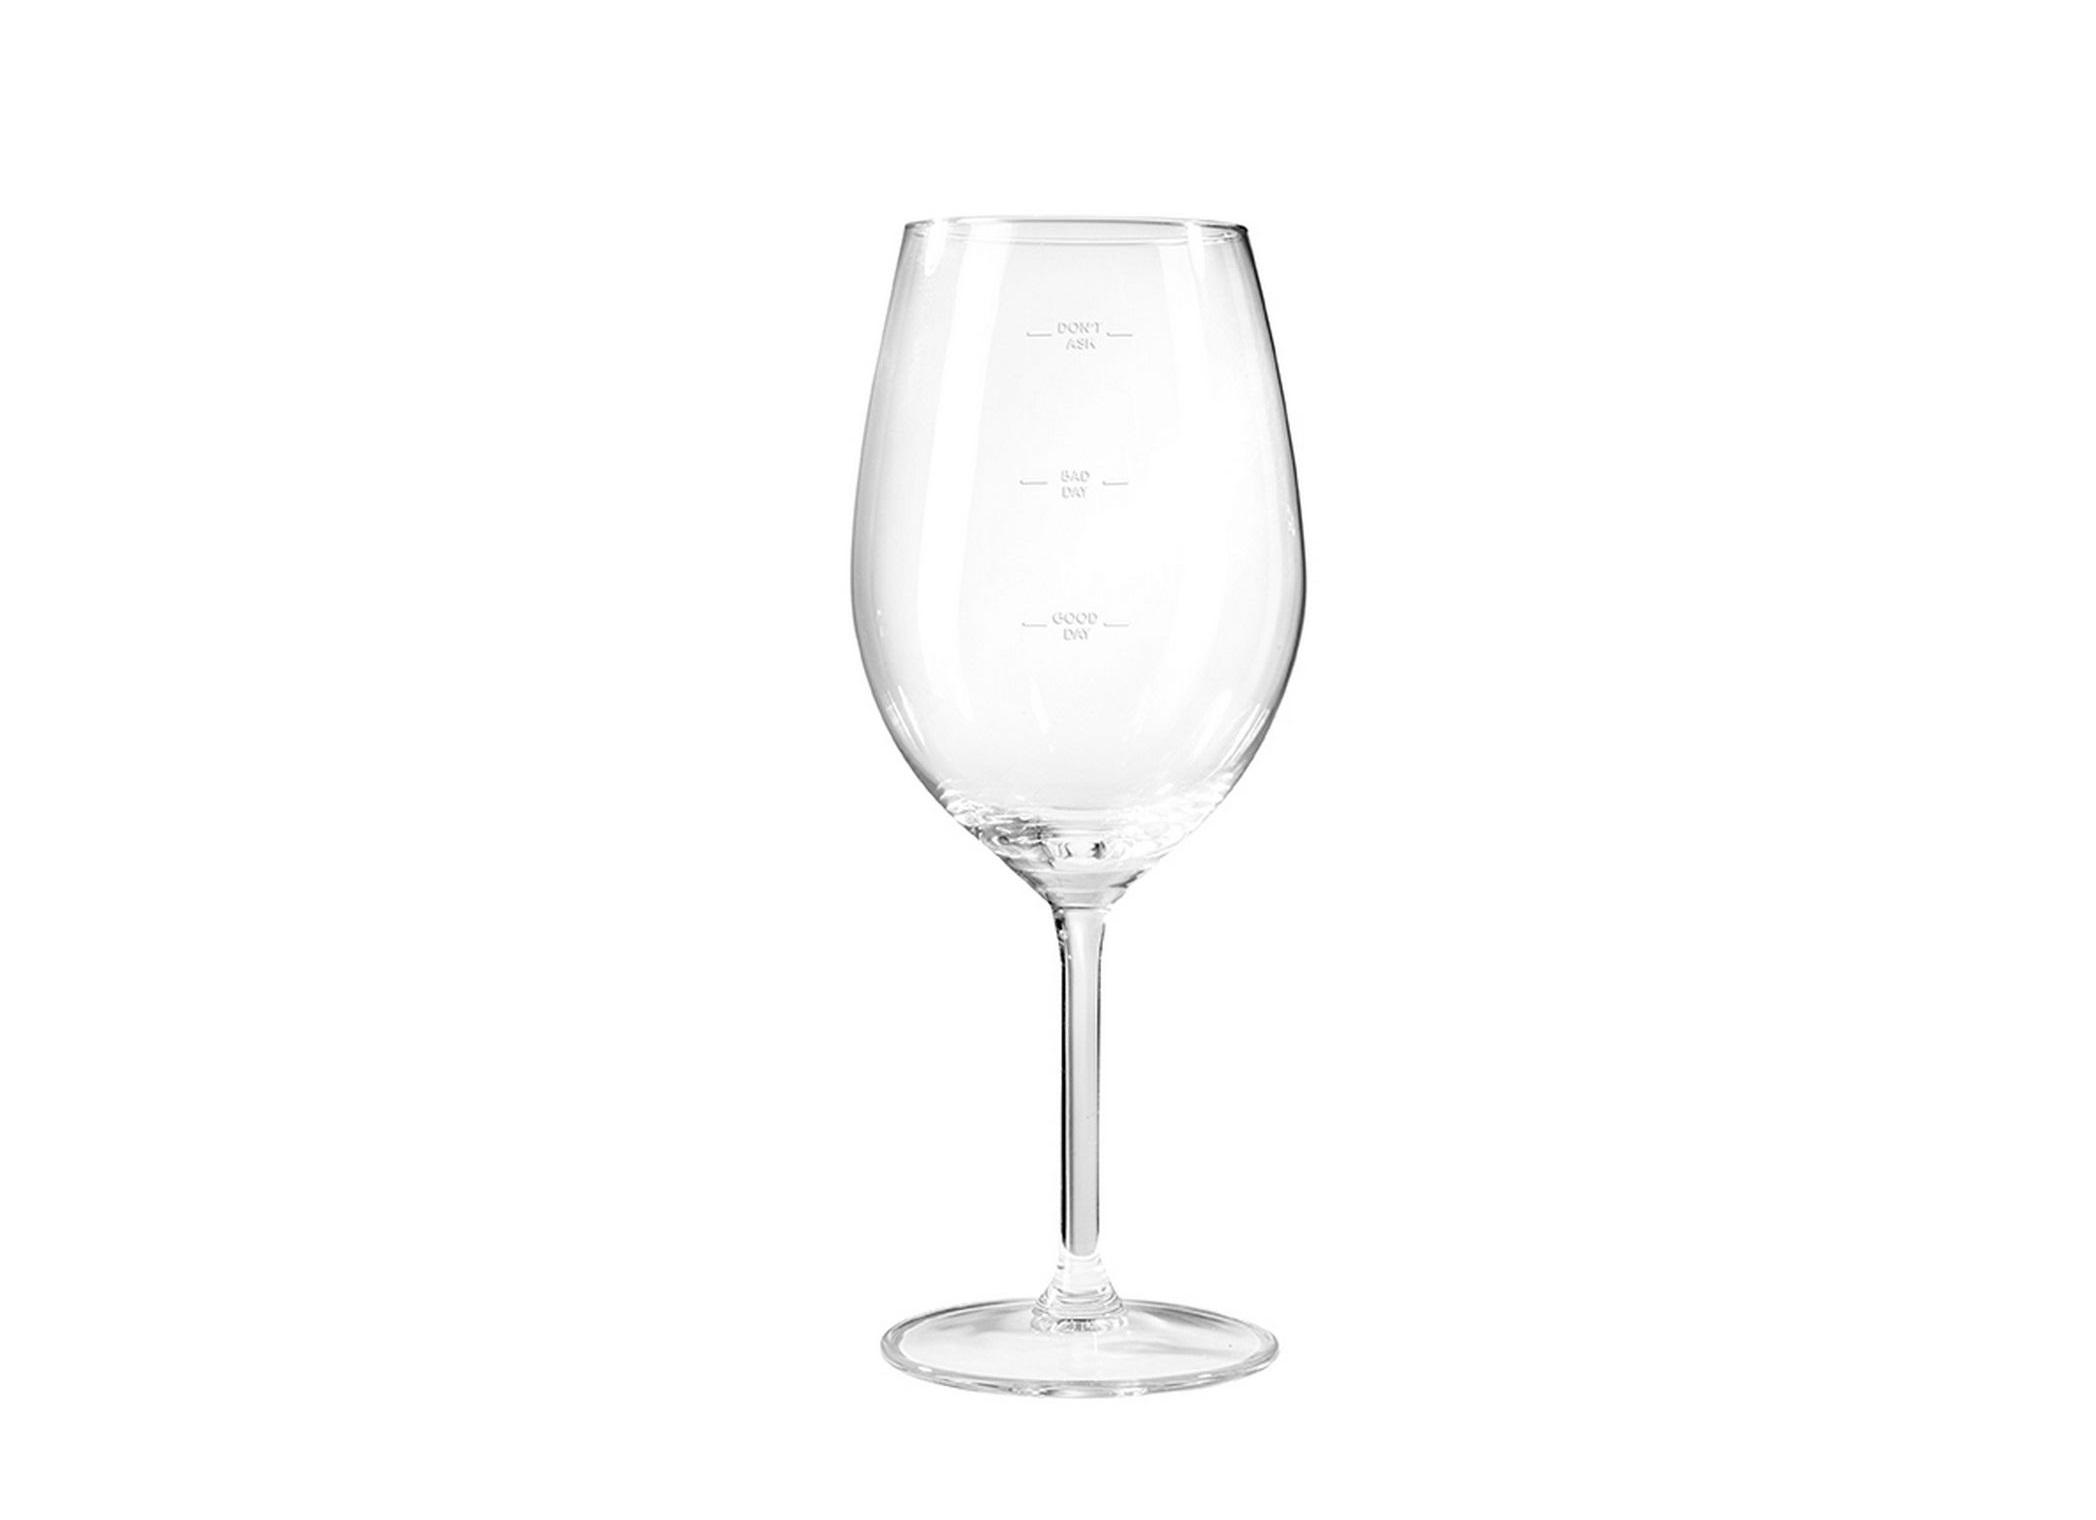 Бокал для вина Glass of MoodsБокалы<br><br><br>Material: Стекло<br>Width см: None<br>Depth см: None<br>Height см: 22<br>Diameter см: 9